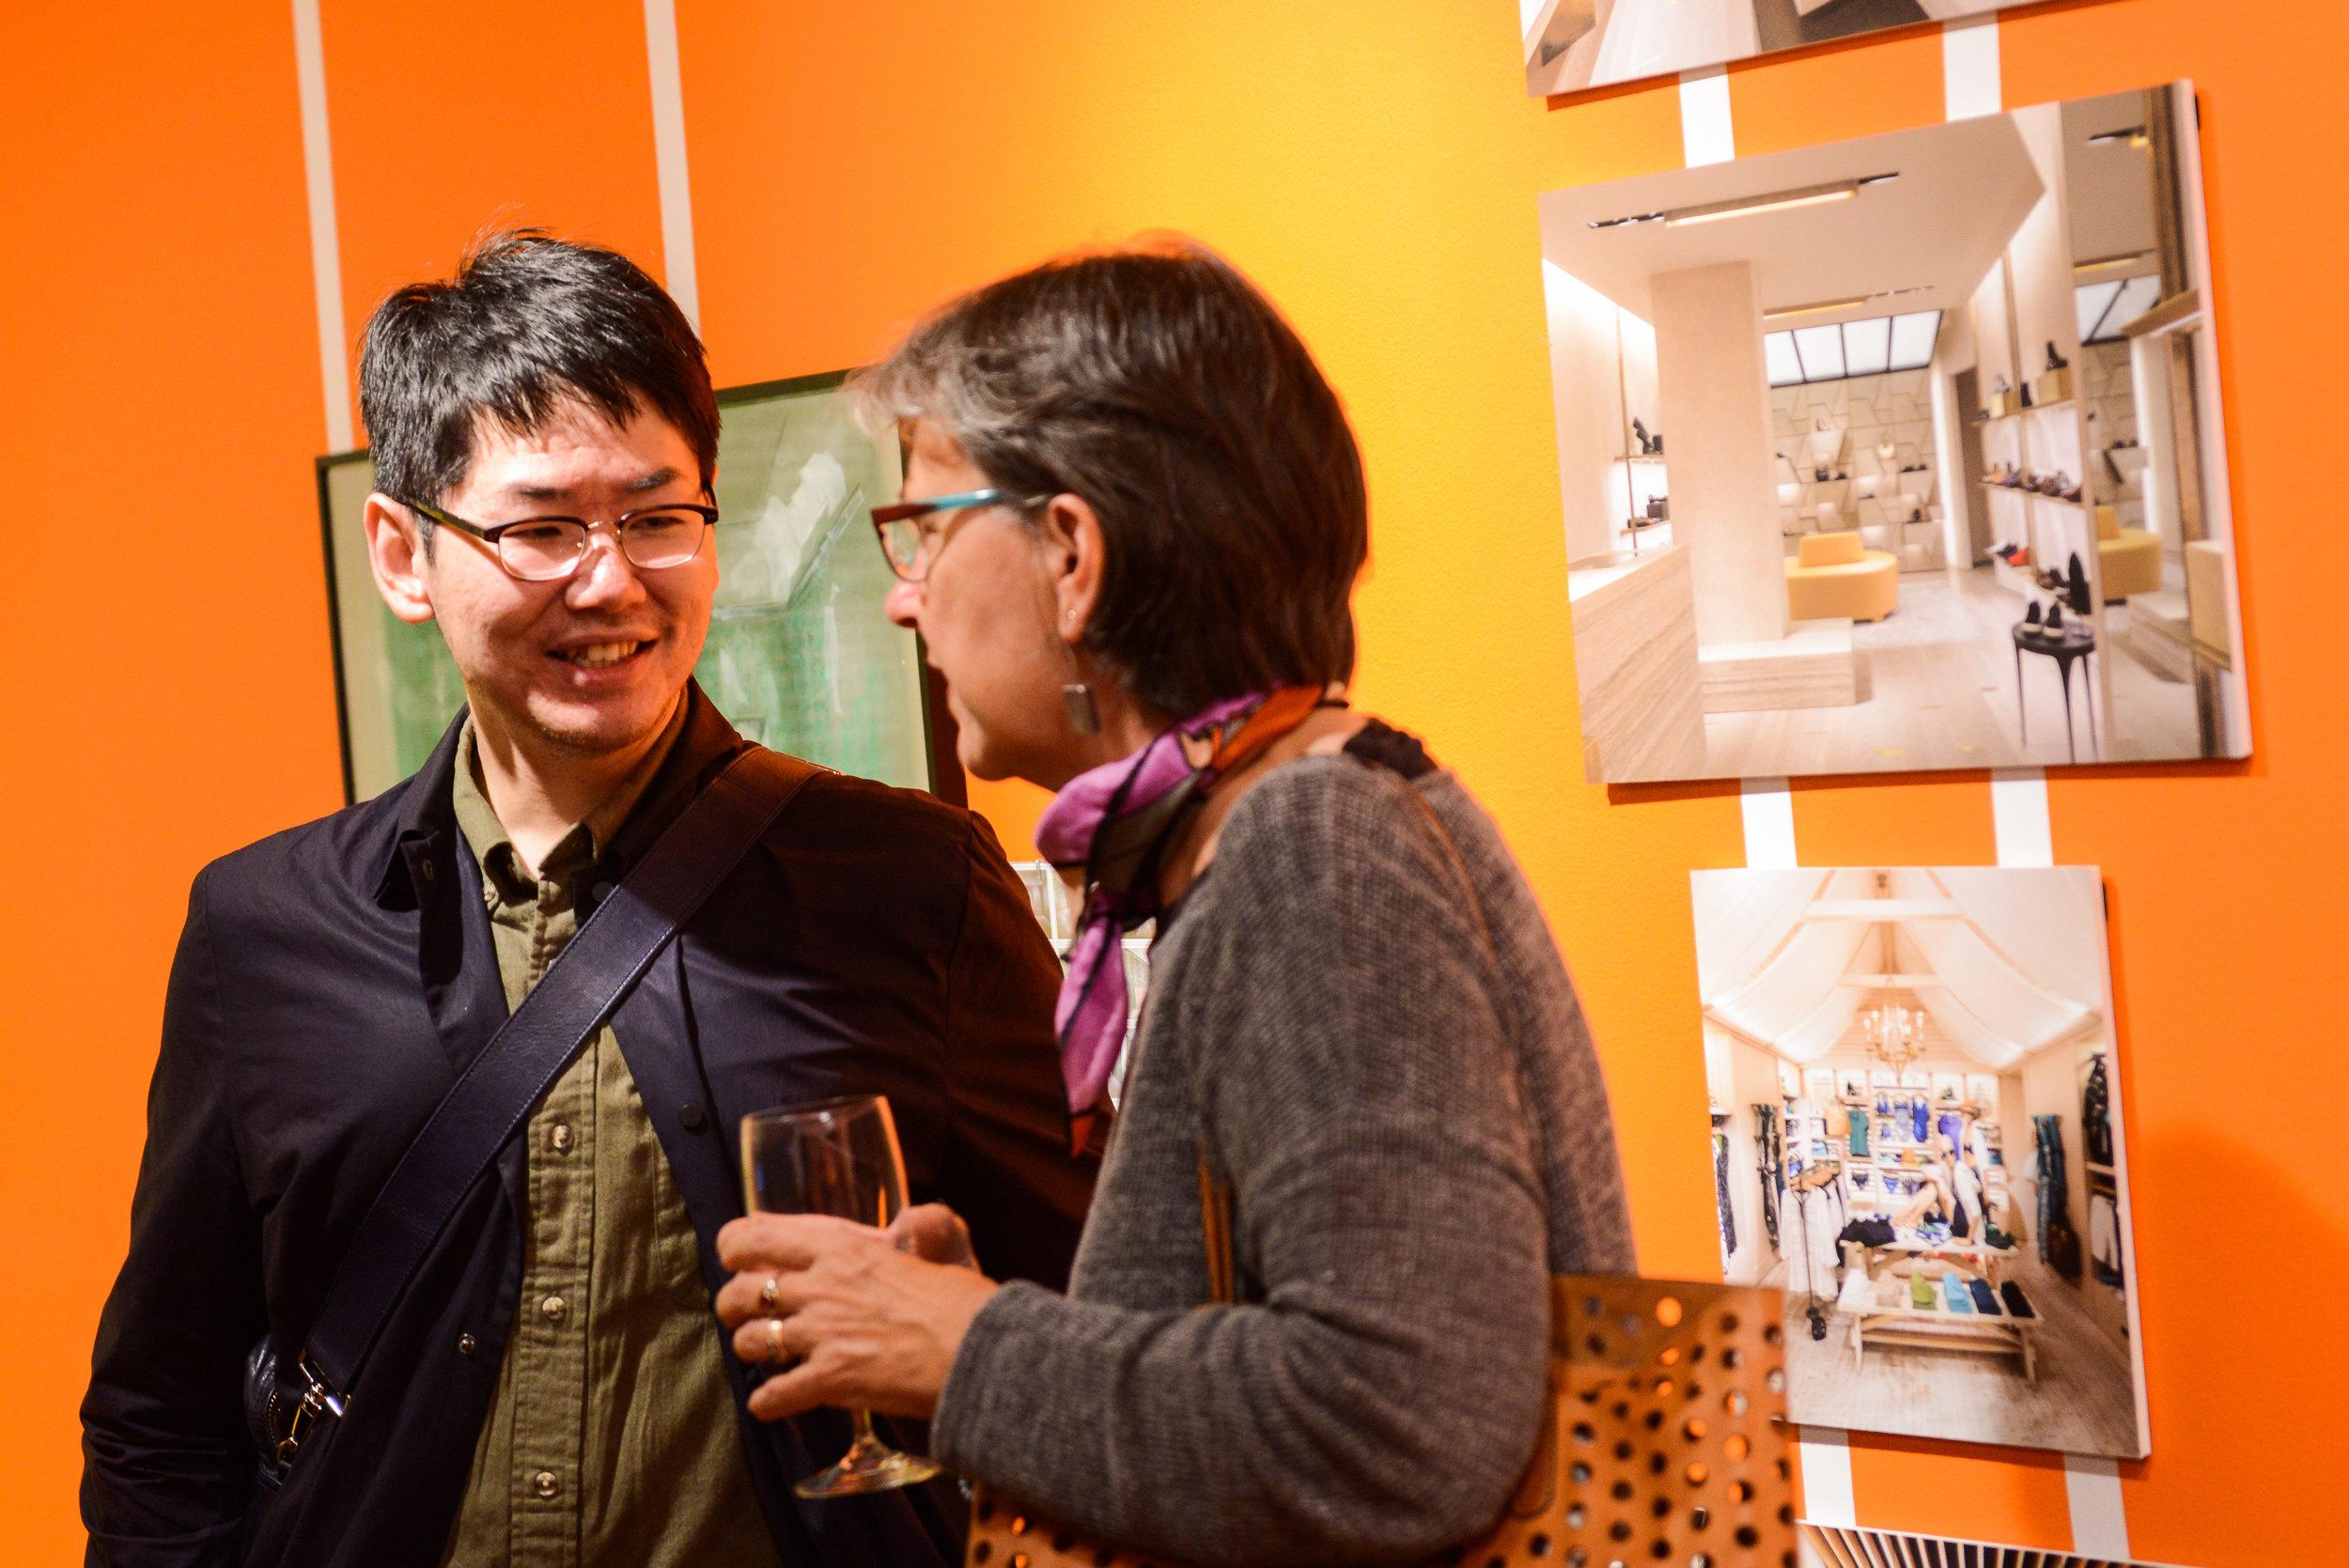 creative-scholarship-a-nysid-faculty-exhibition_36845152373_o[1].jpg